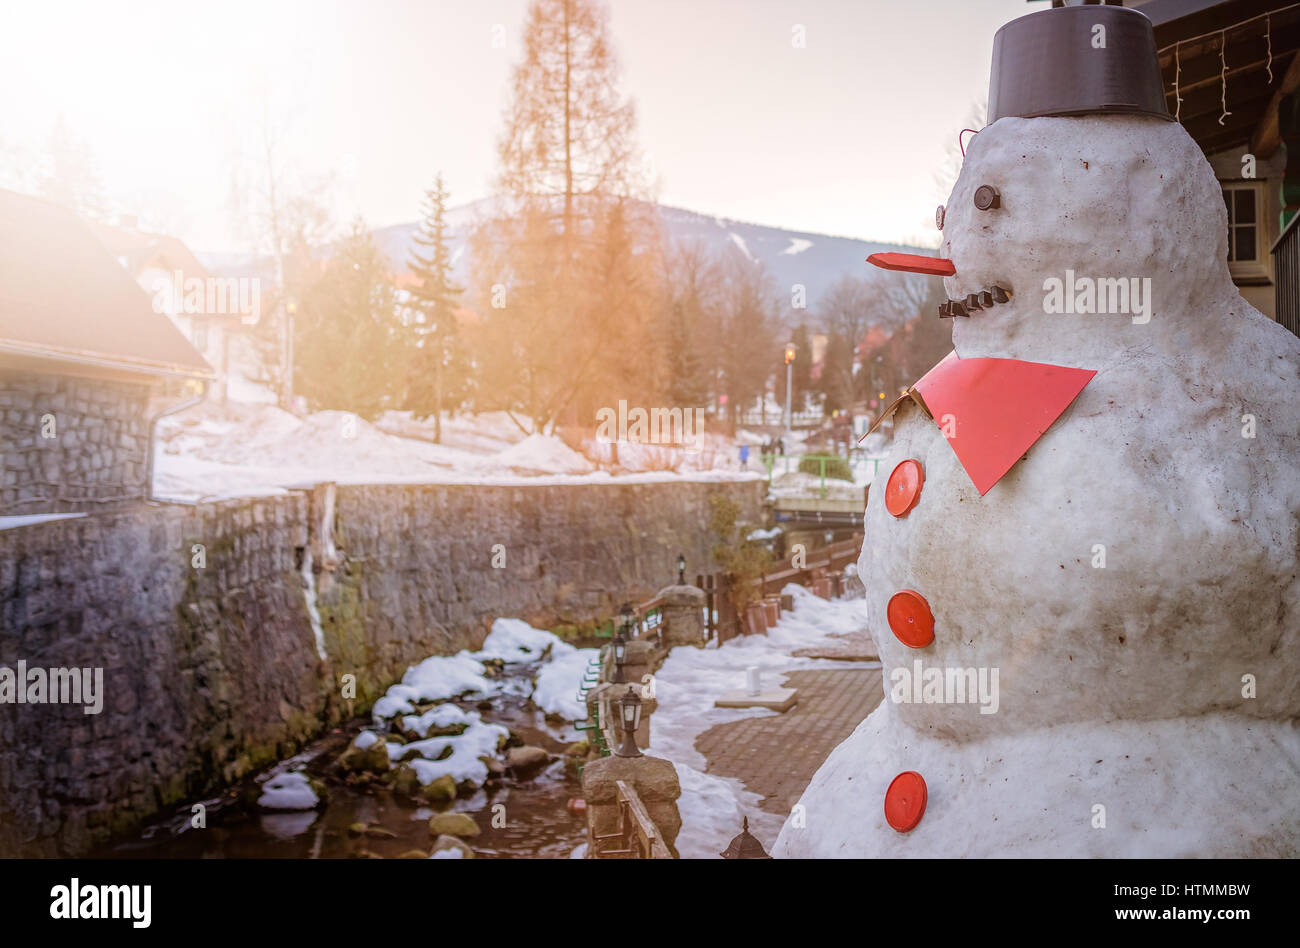 Gran big fat muñeco de nieve con nariz roja y botones Foto de stock